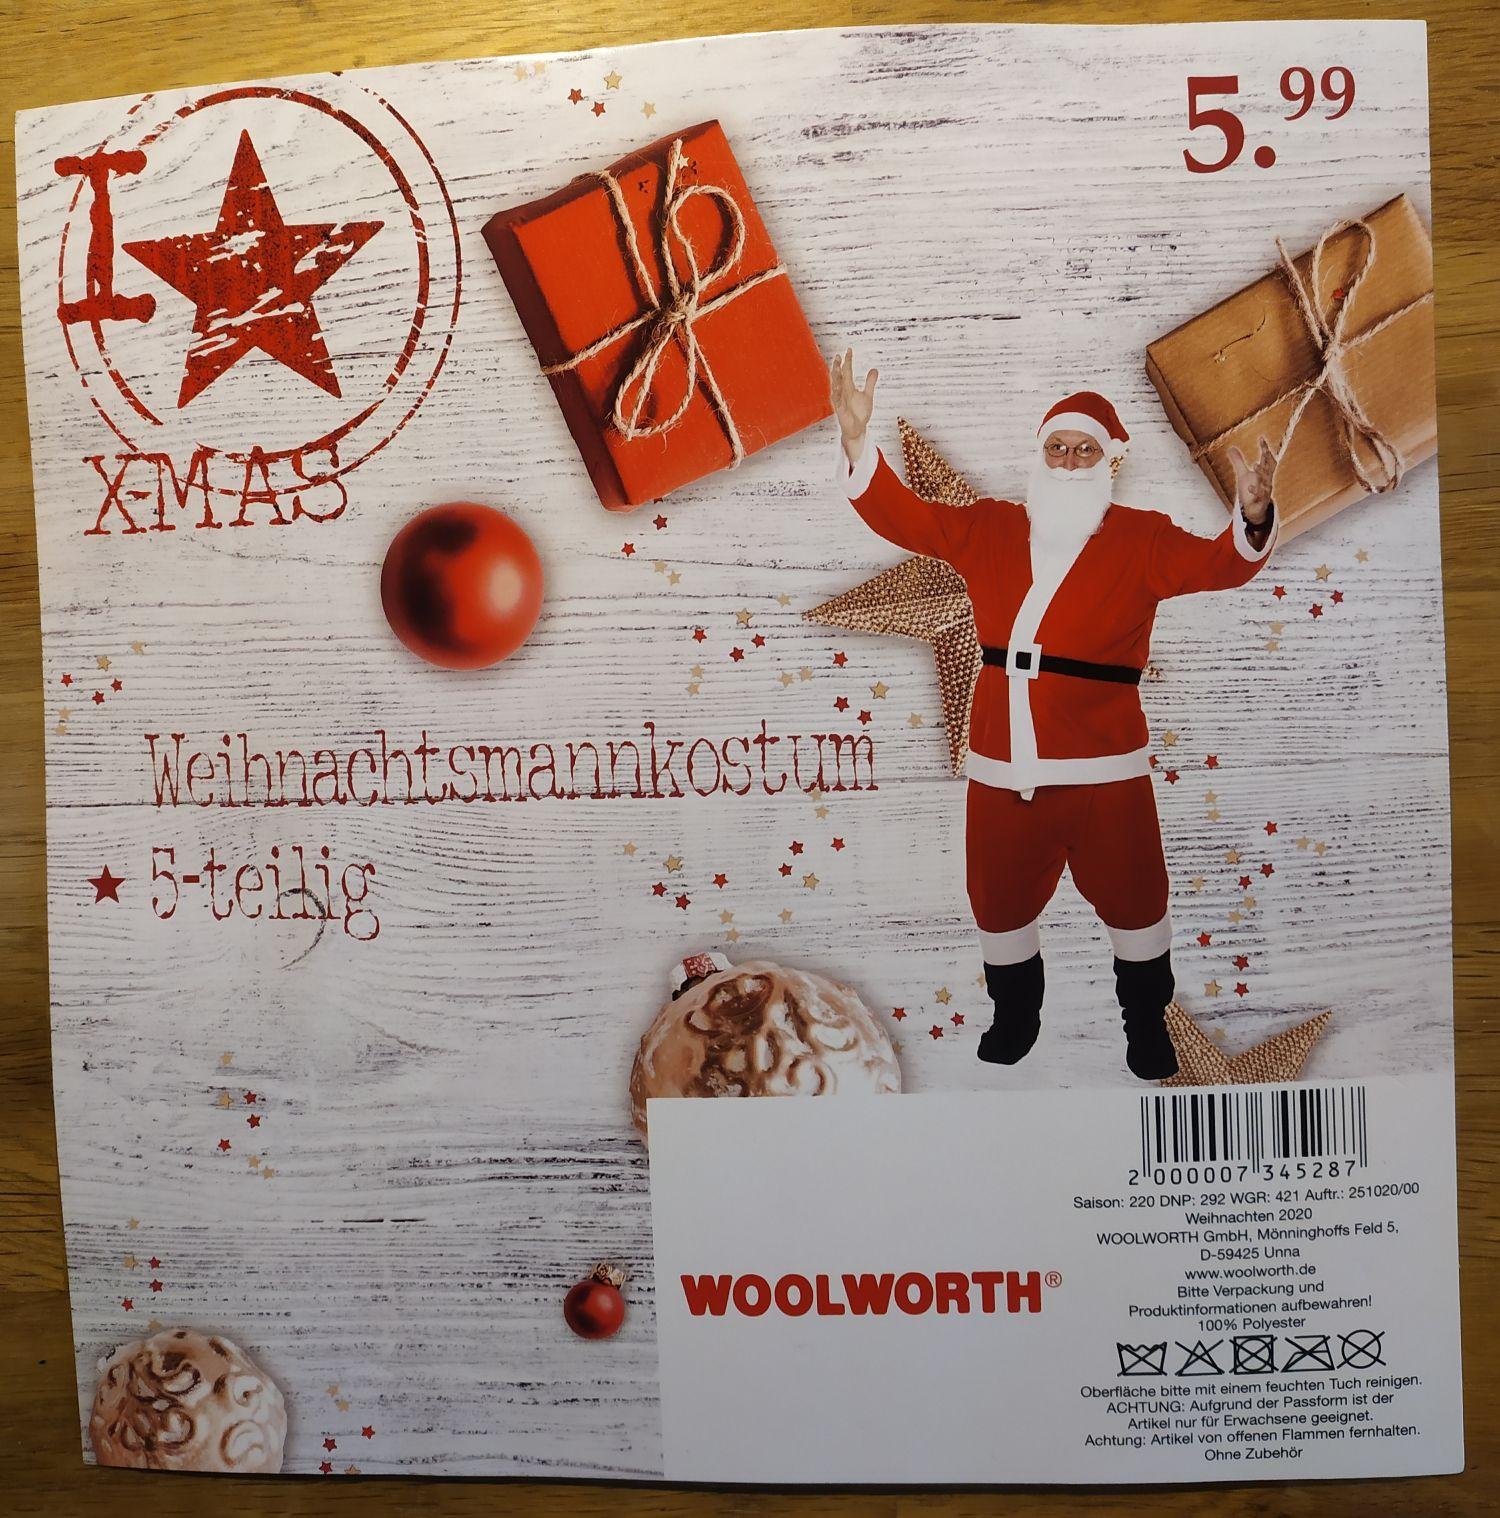 [Woolworth] 5-tlg. Weihnachtsmannkostüm